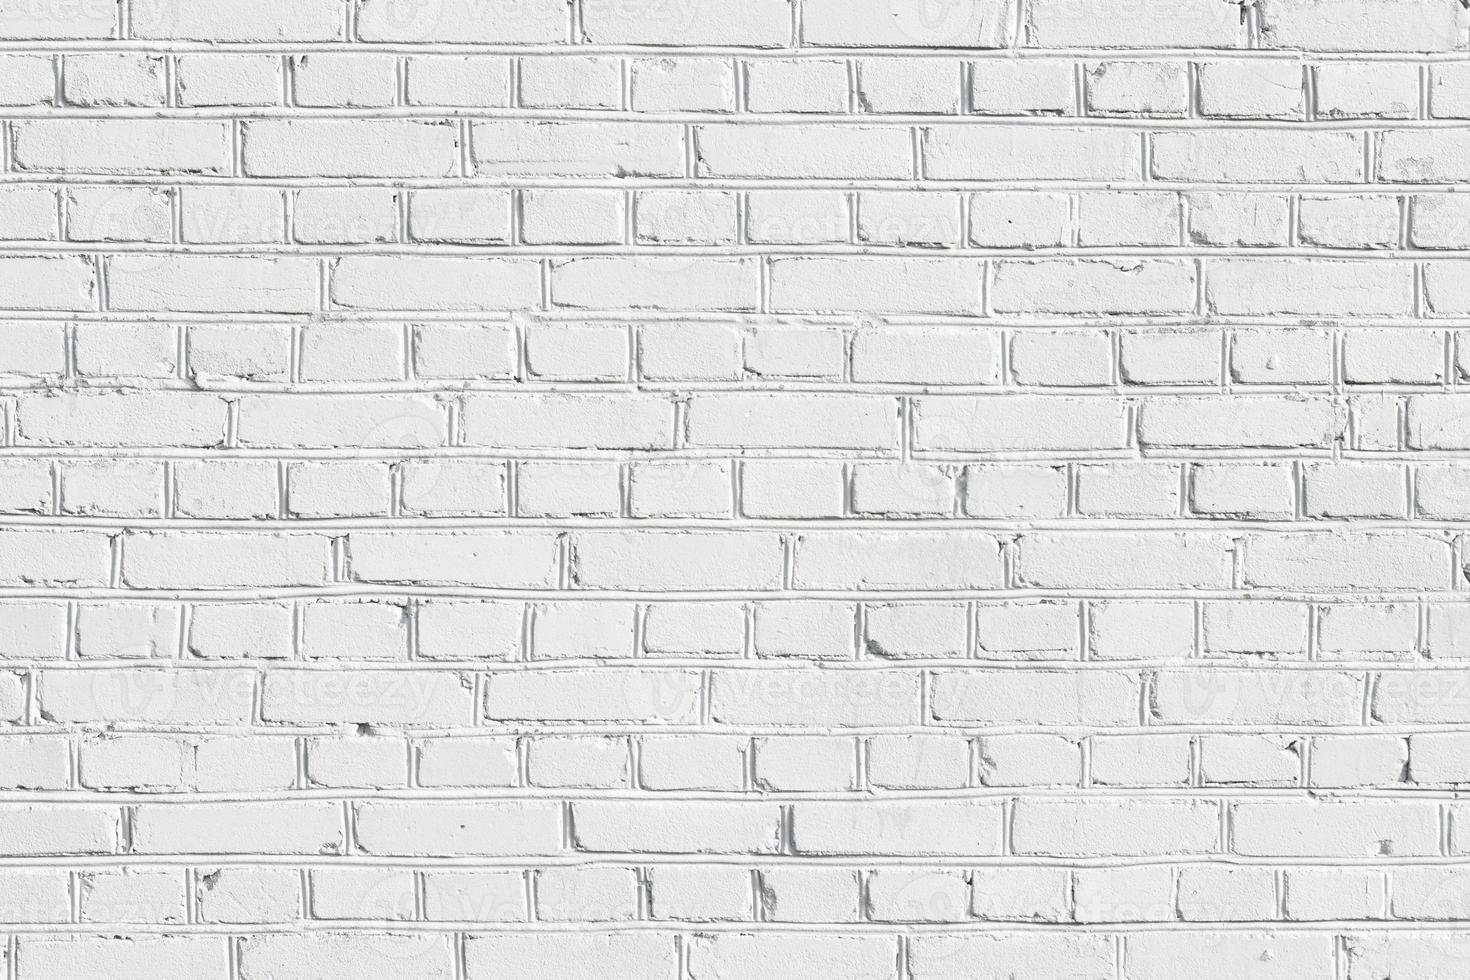 bakgrundsstruktur av en gammal tegelvägg foto